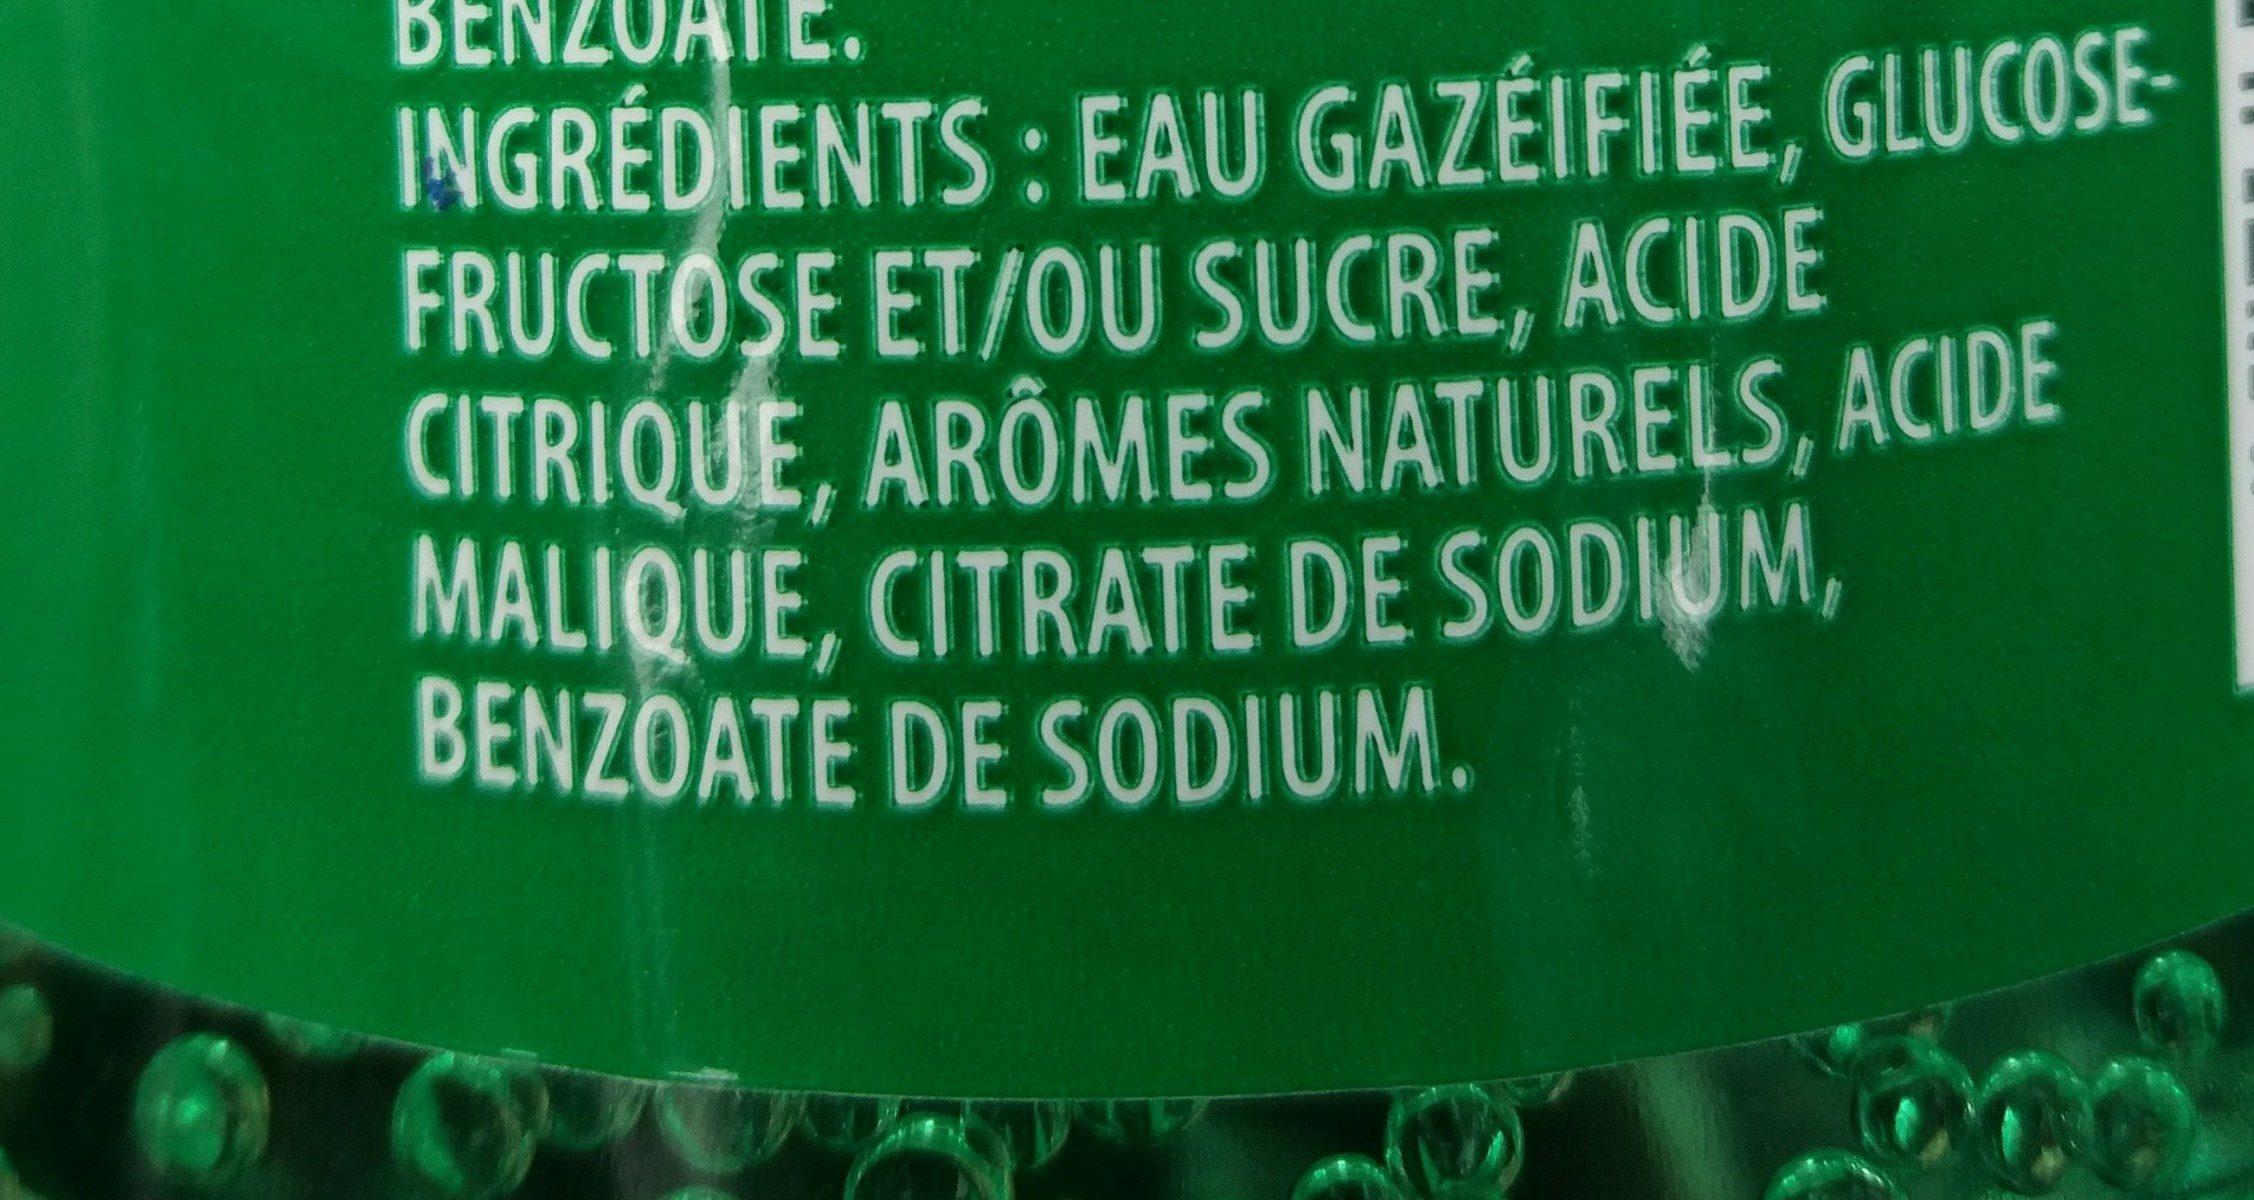 7up - Ingrediënten